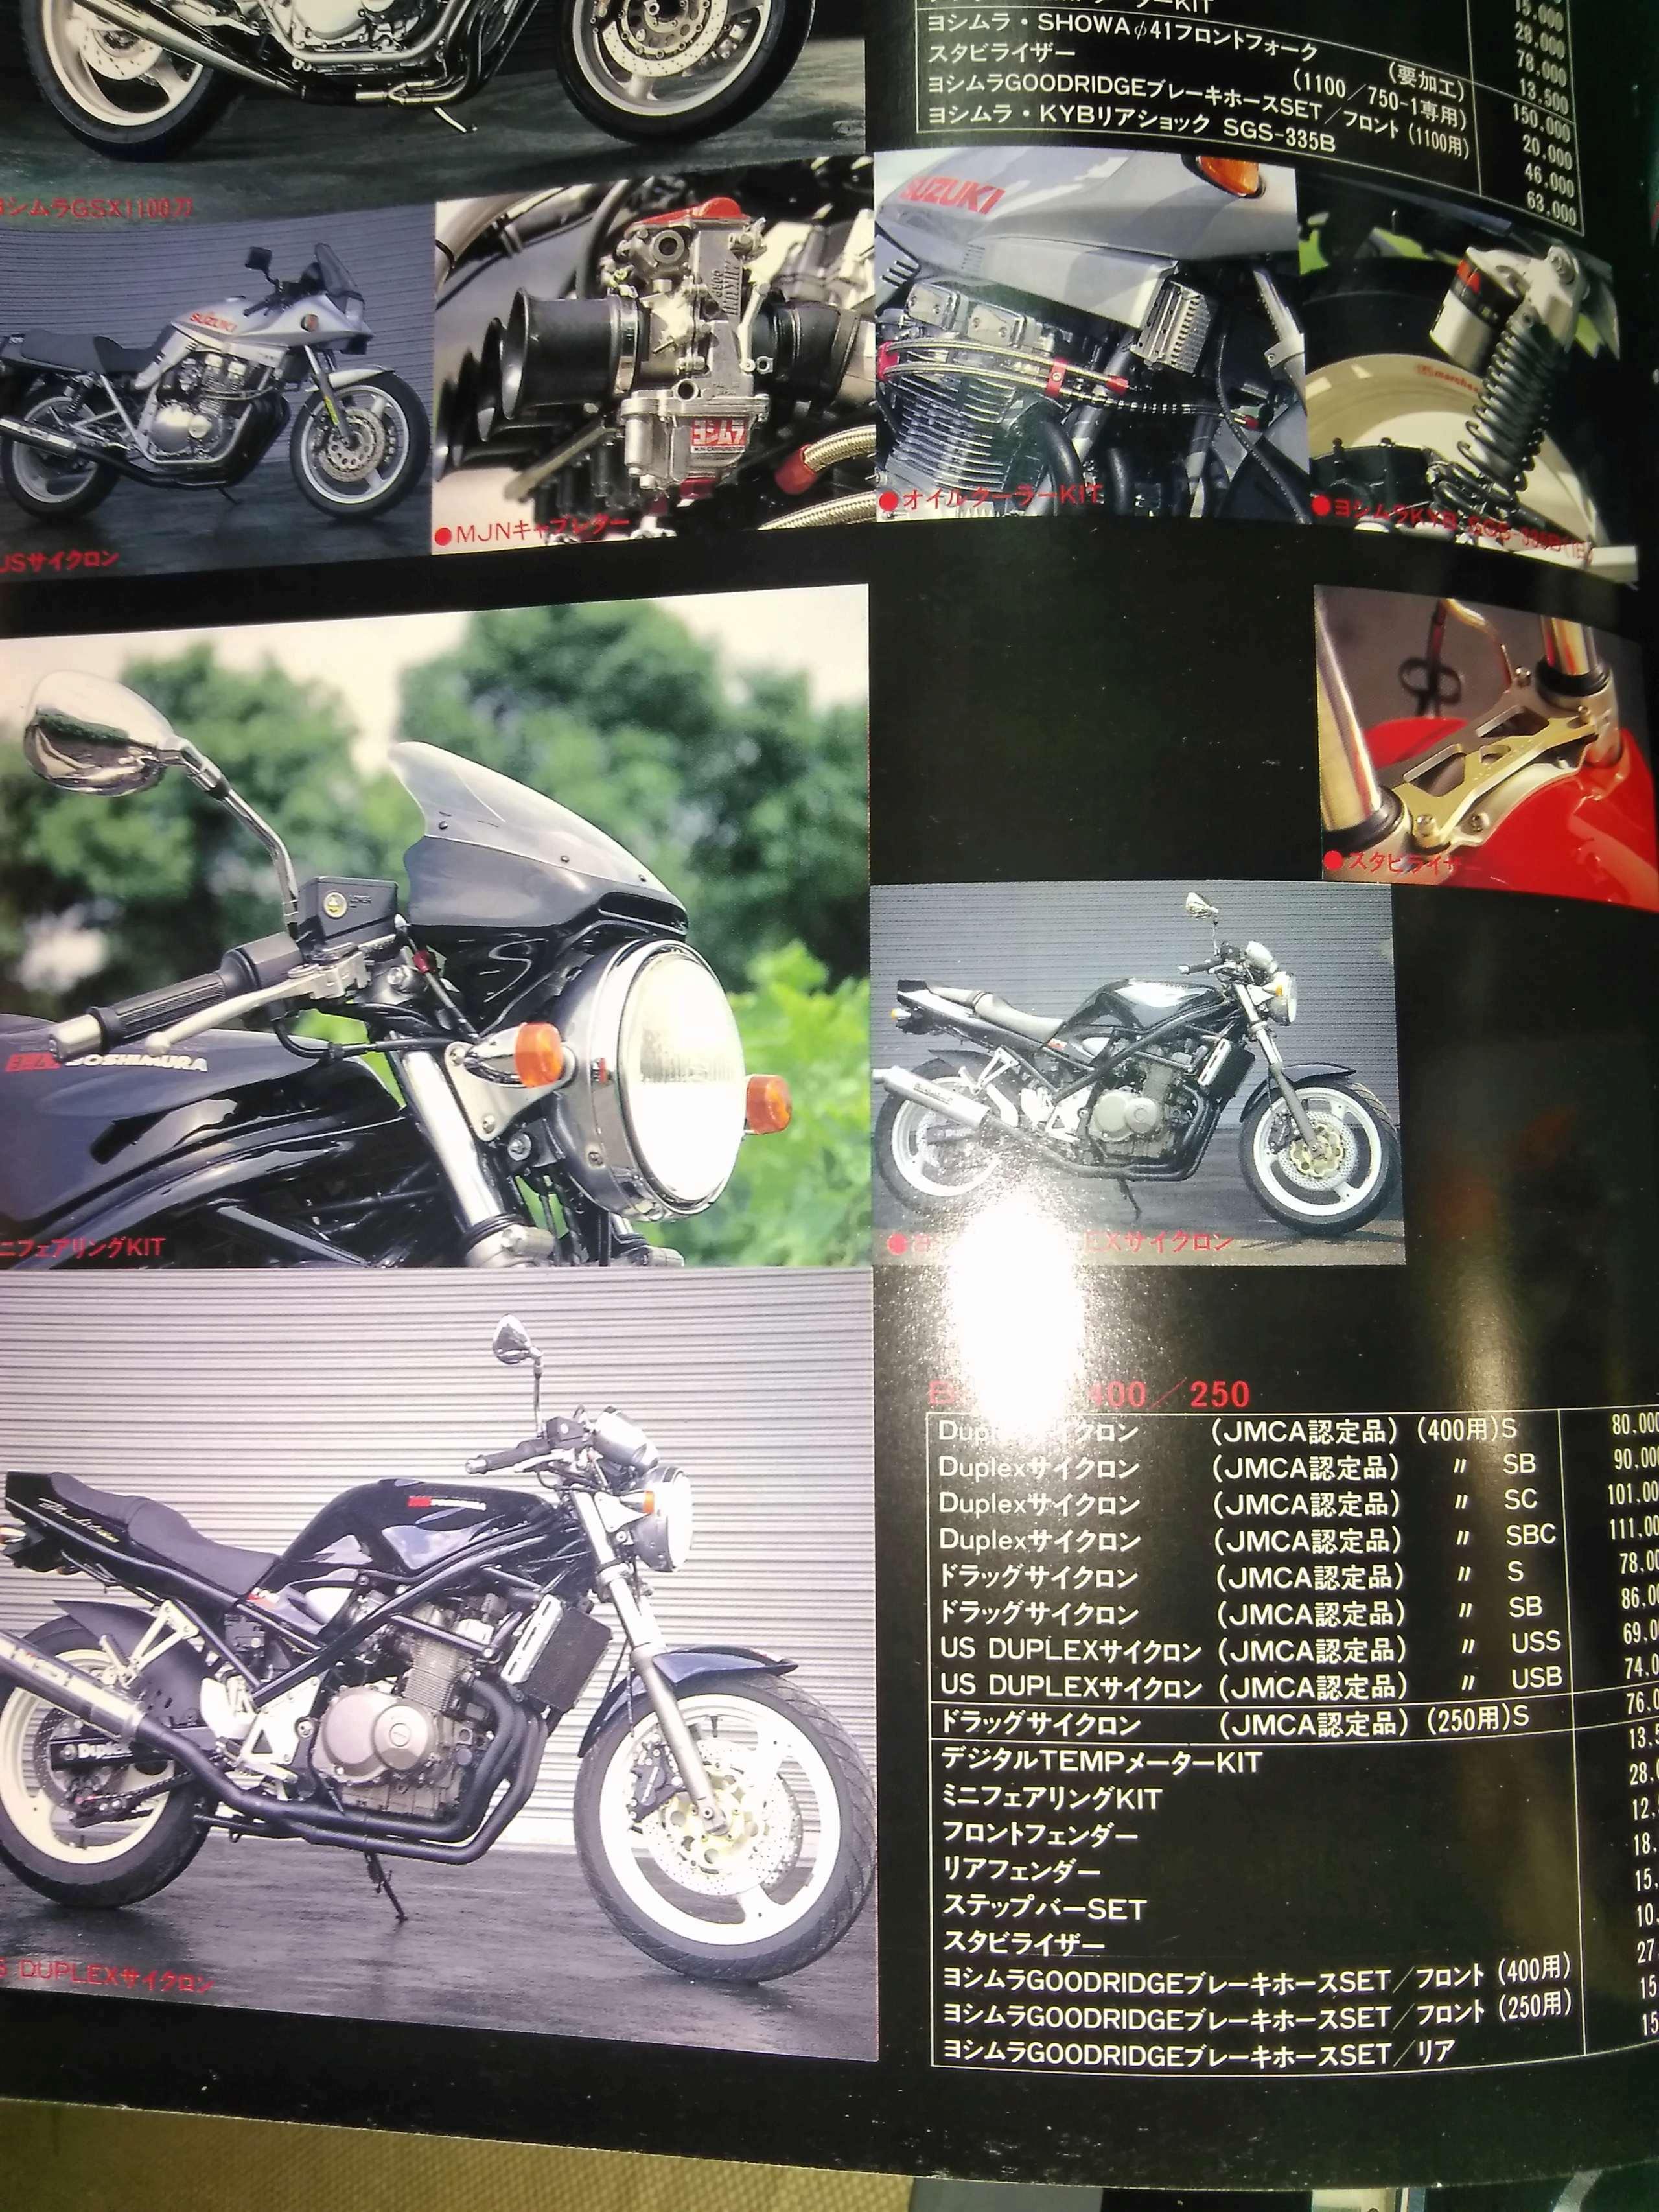 ATENCION, porno duro: Catalogo de chuches Yoshimura 93-95 Img_2017